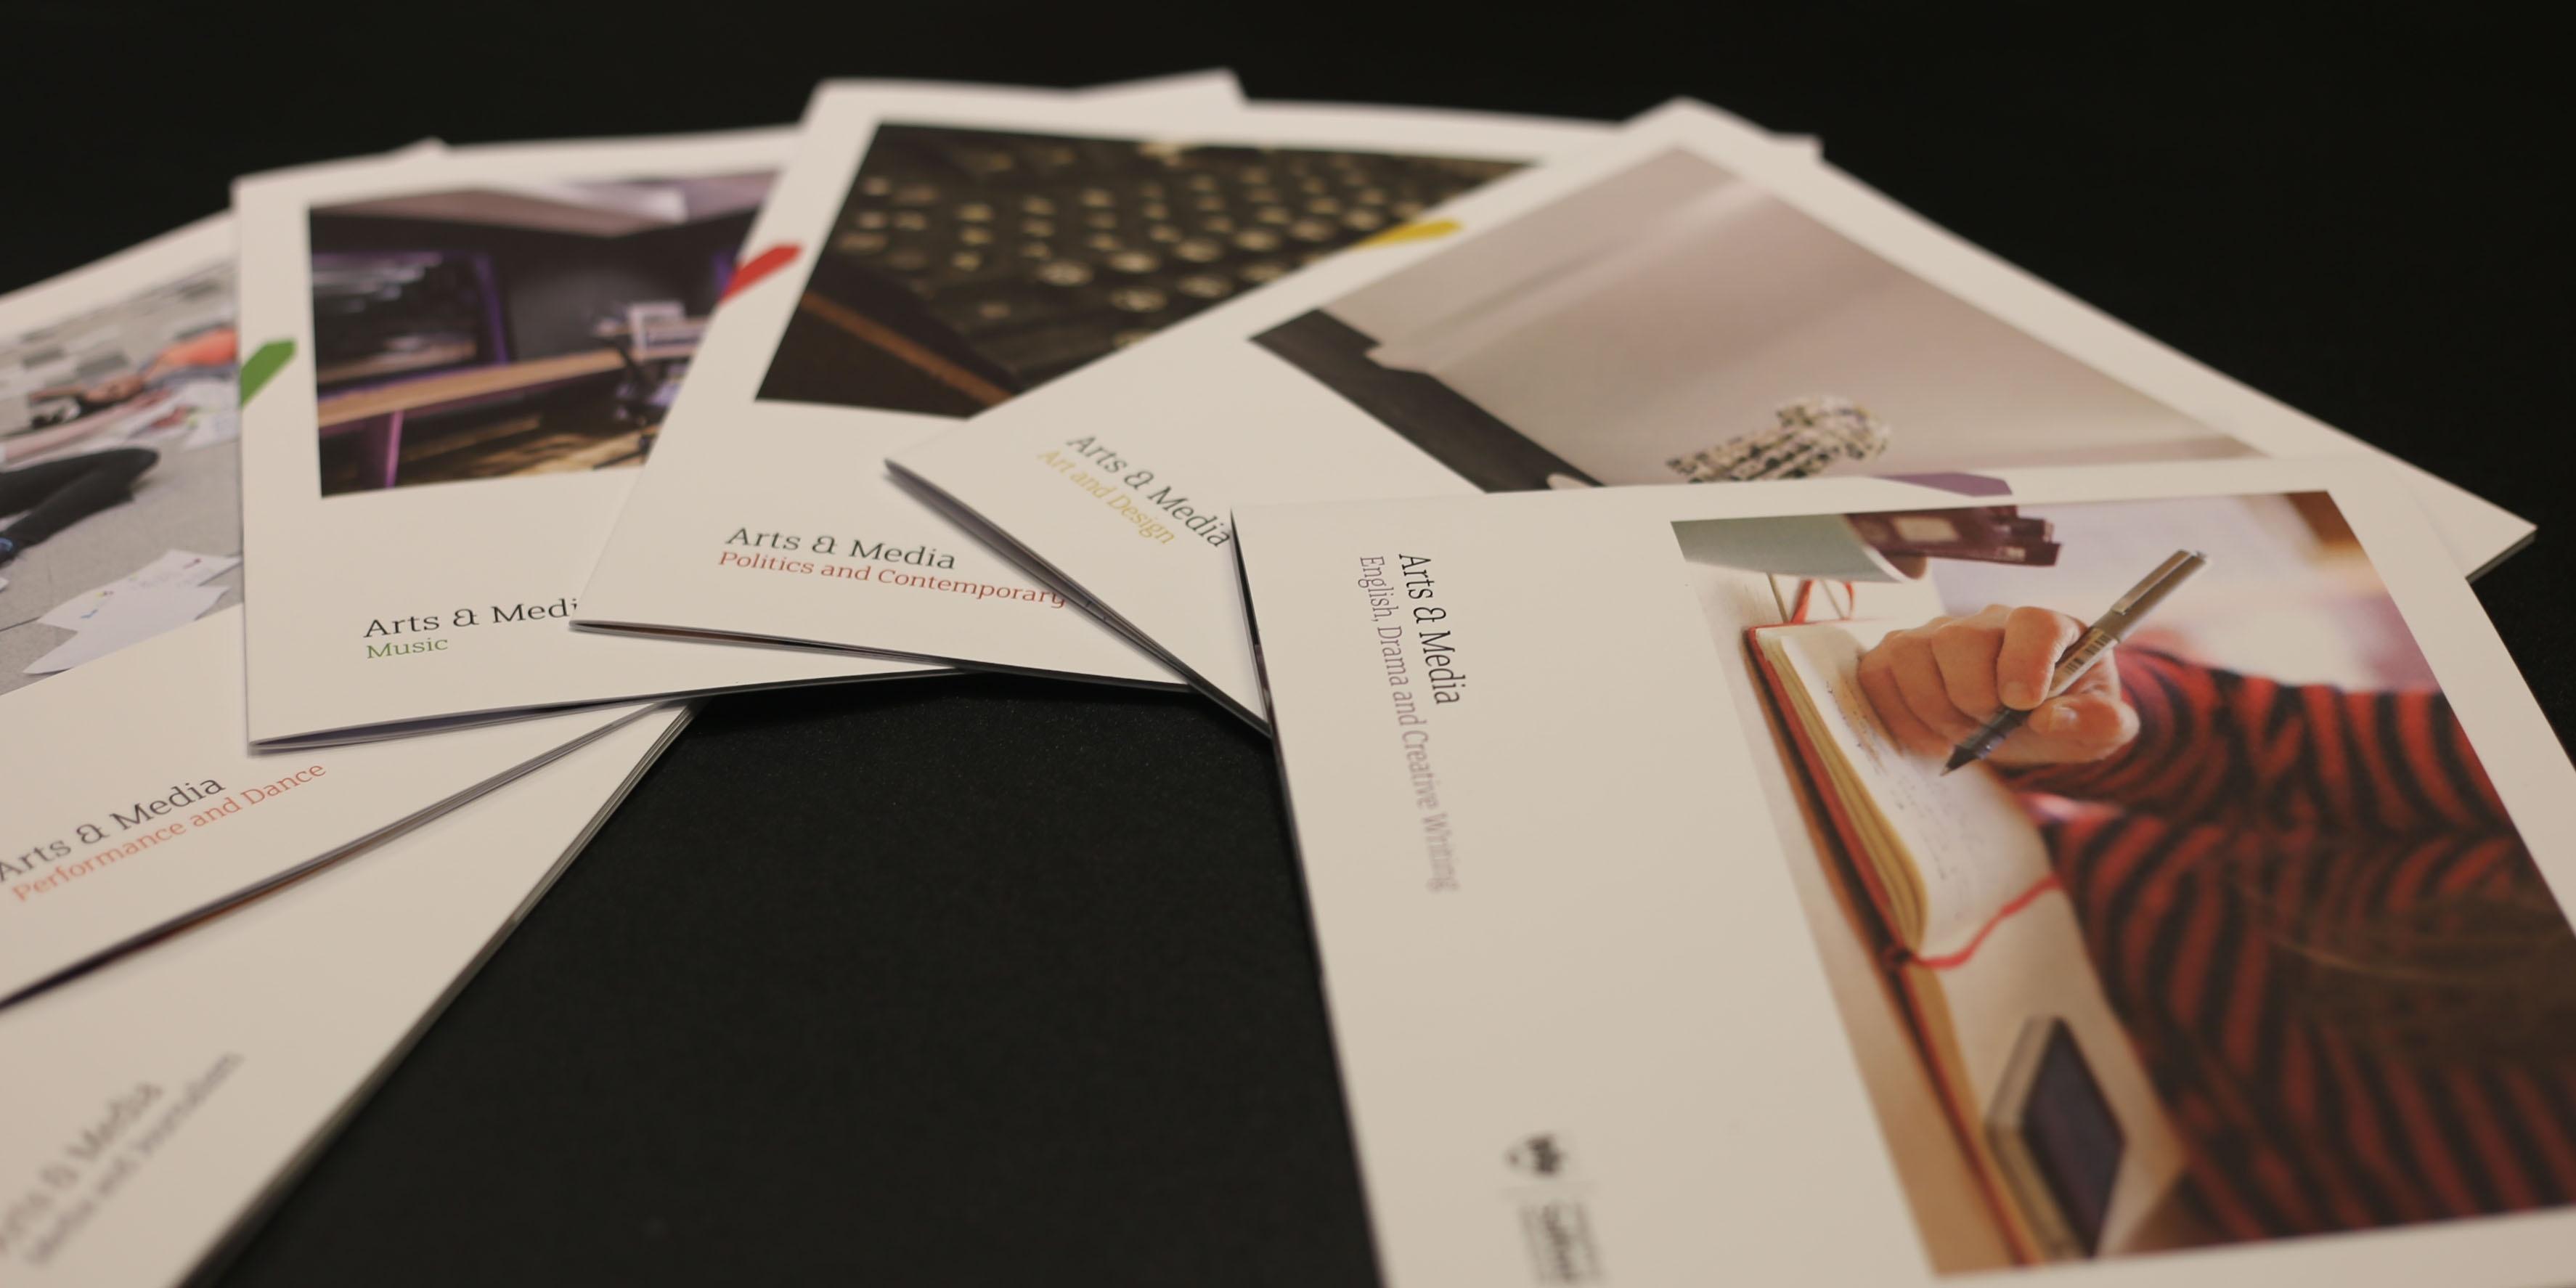 Brochures Spread On Table